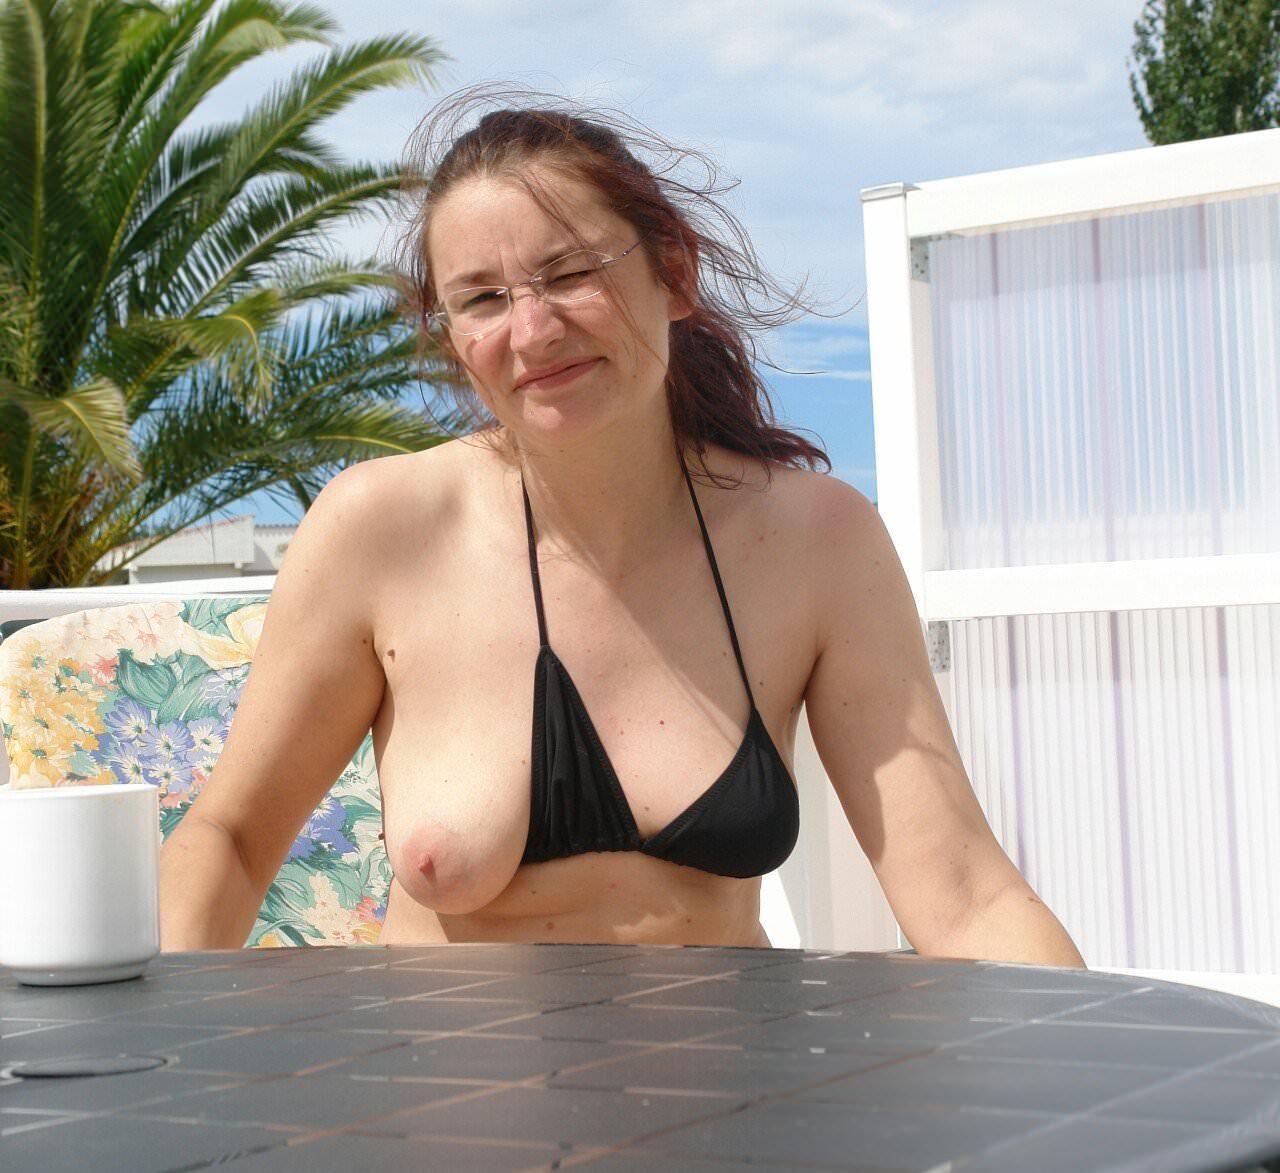 ヌーディストビーチではとりあえず乳首出しとけ的な振る舞いをする海外の巨乳女wwwww 25121